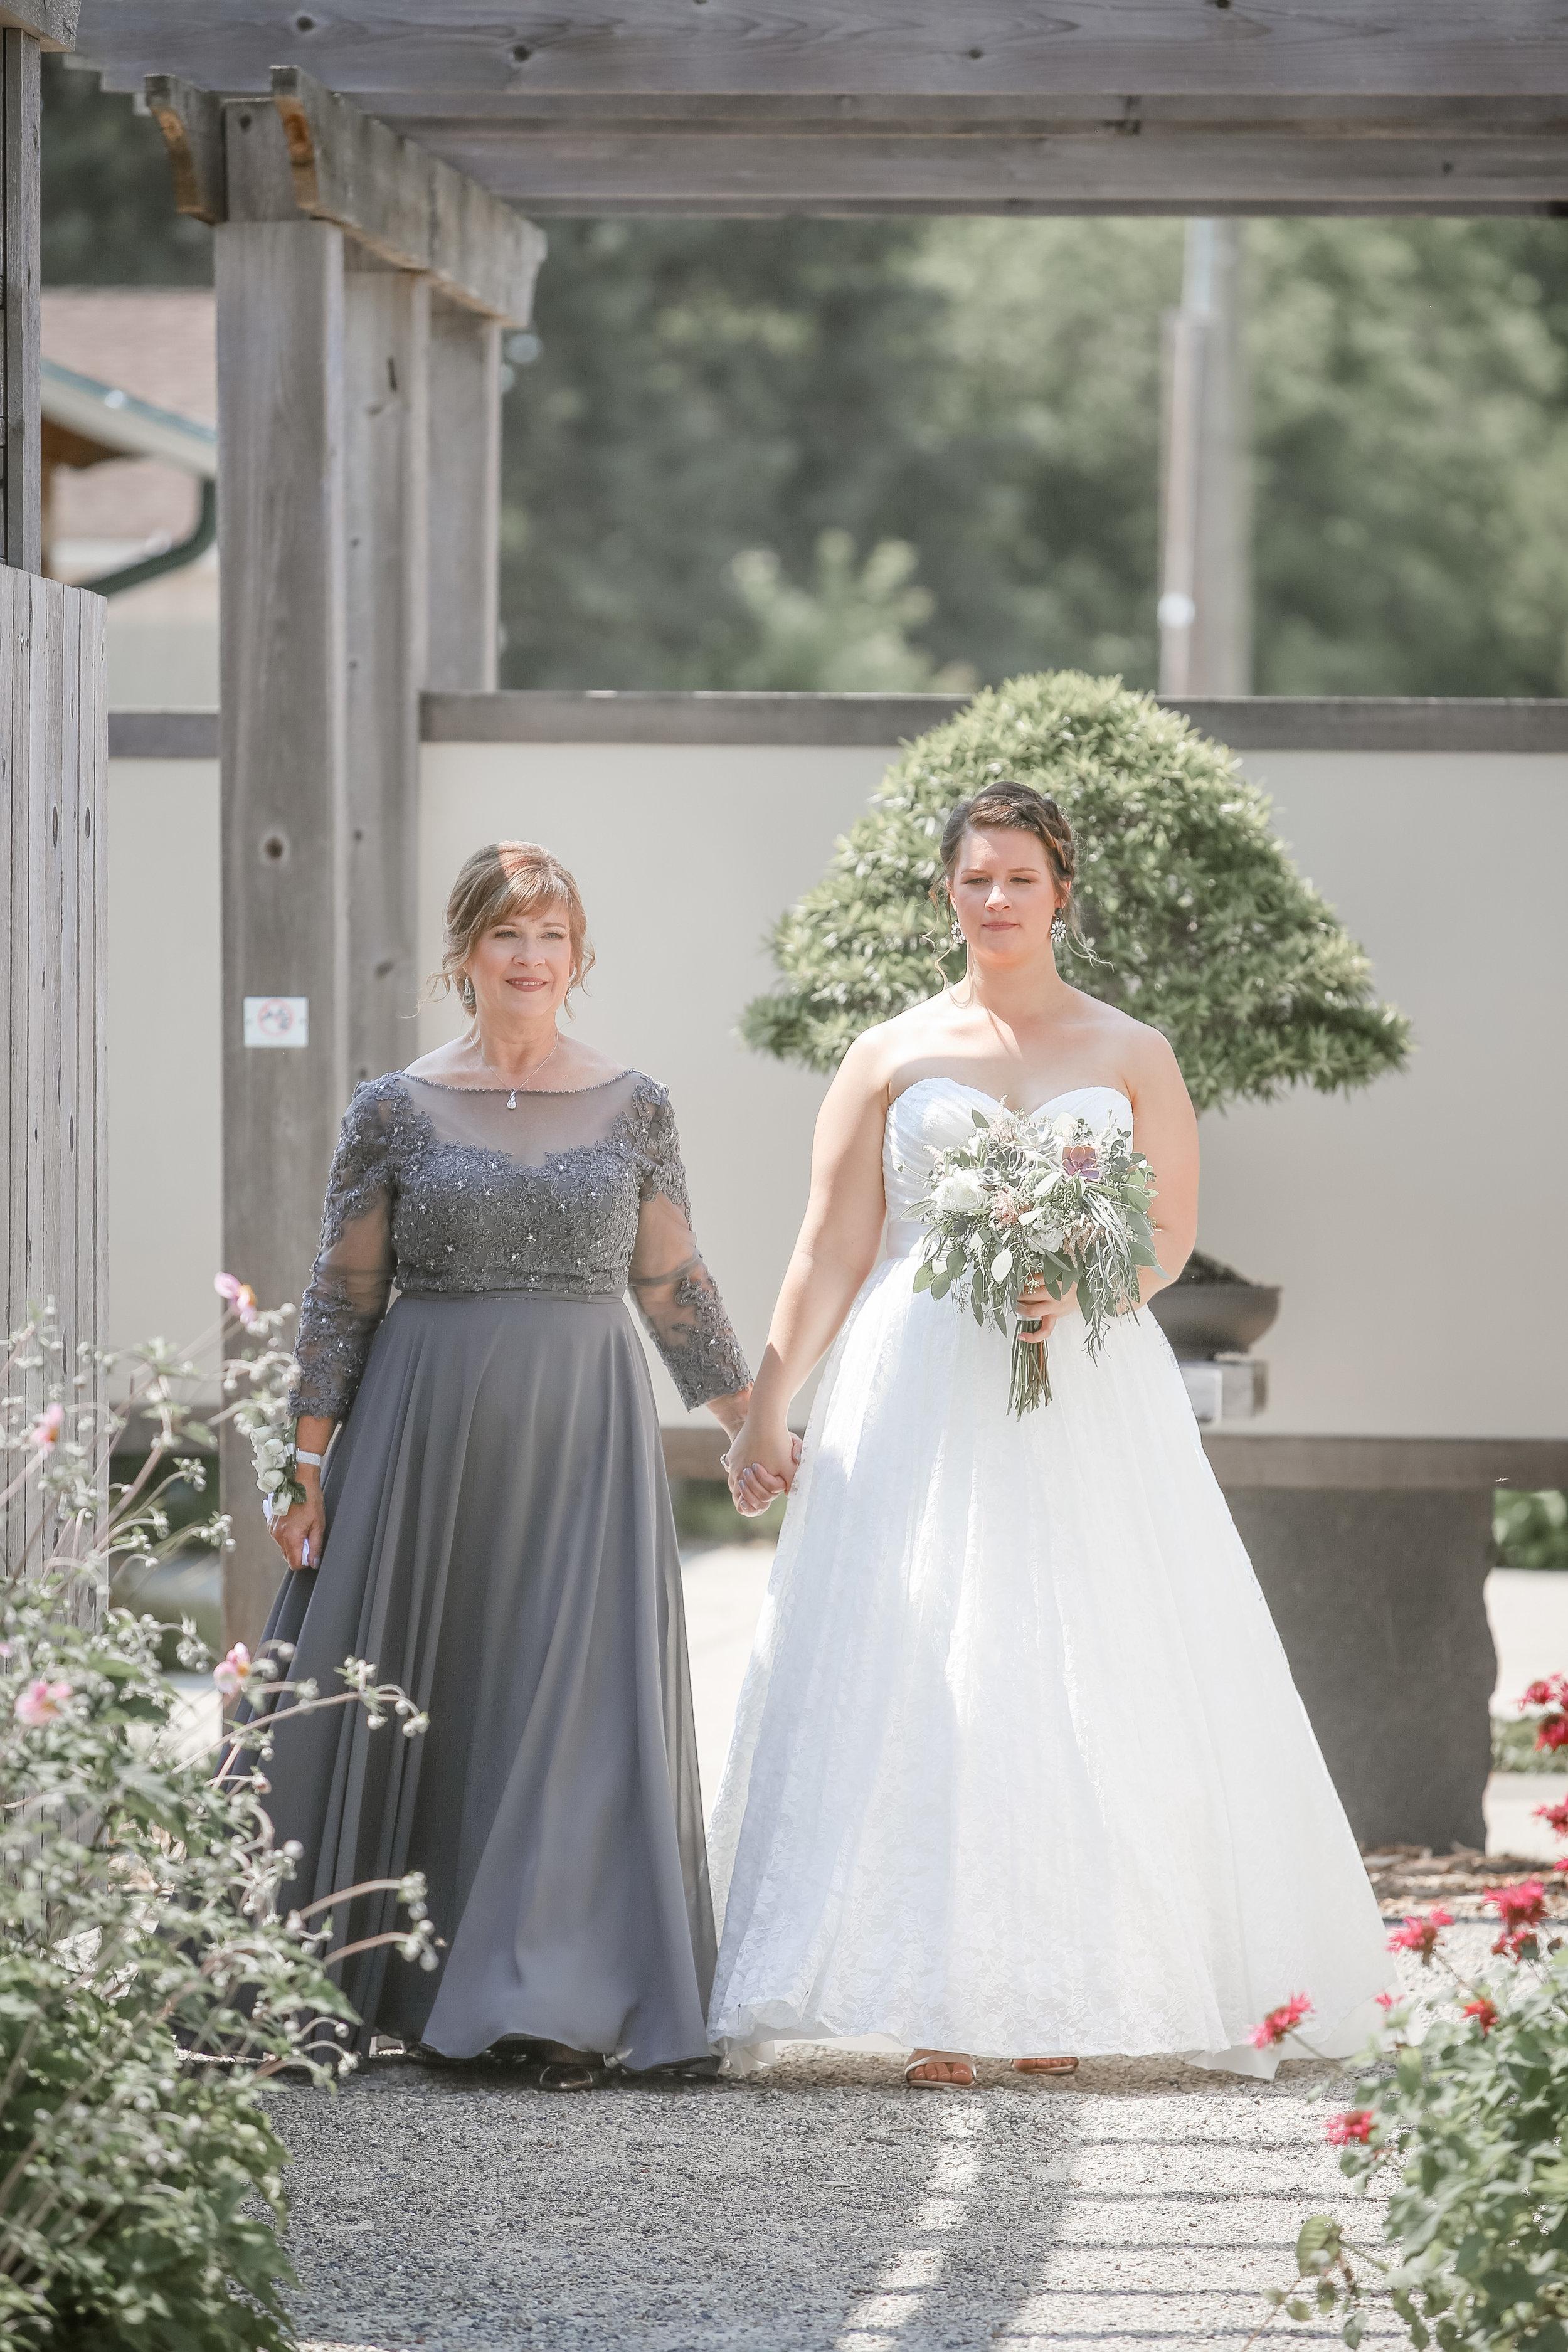 C_Wedding_Sarver, Alyssa & Scott_FOR BLOG-72.JPG